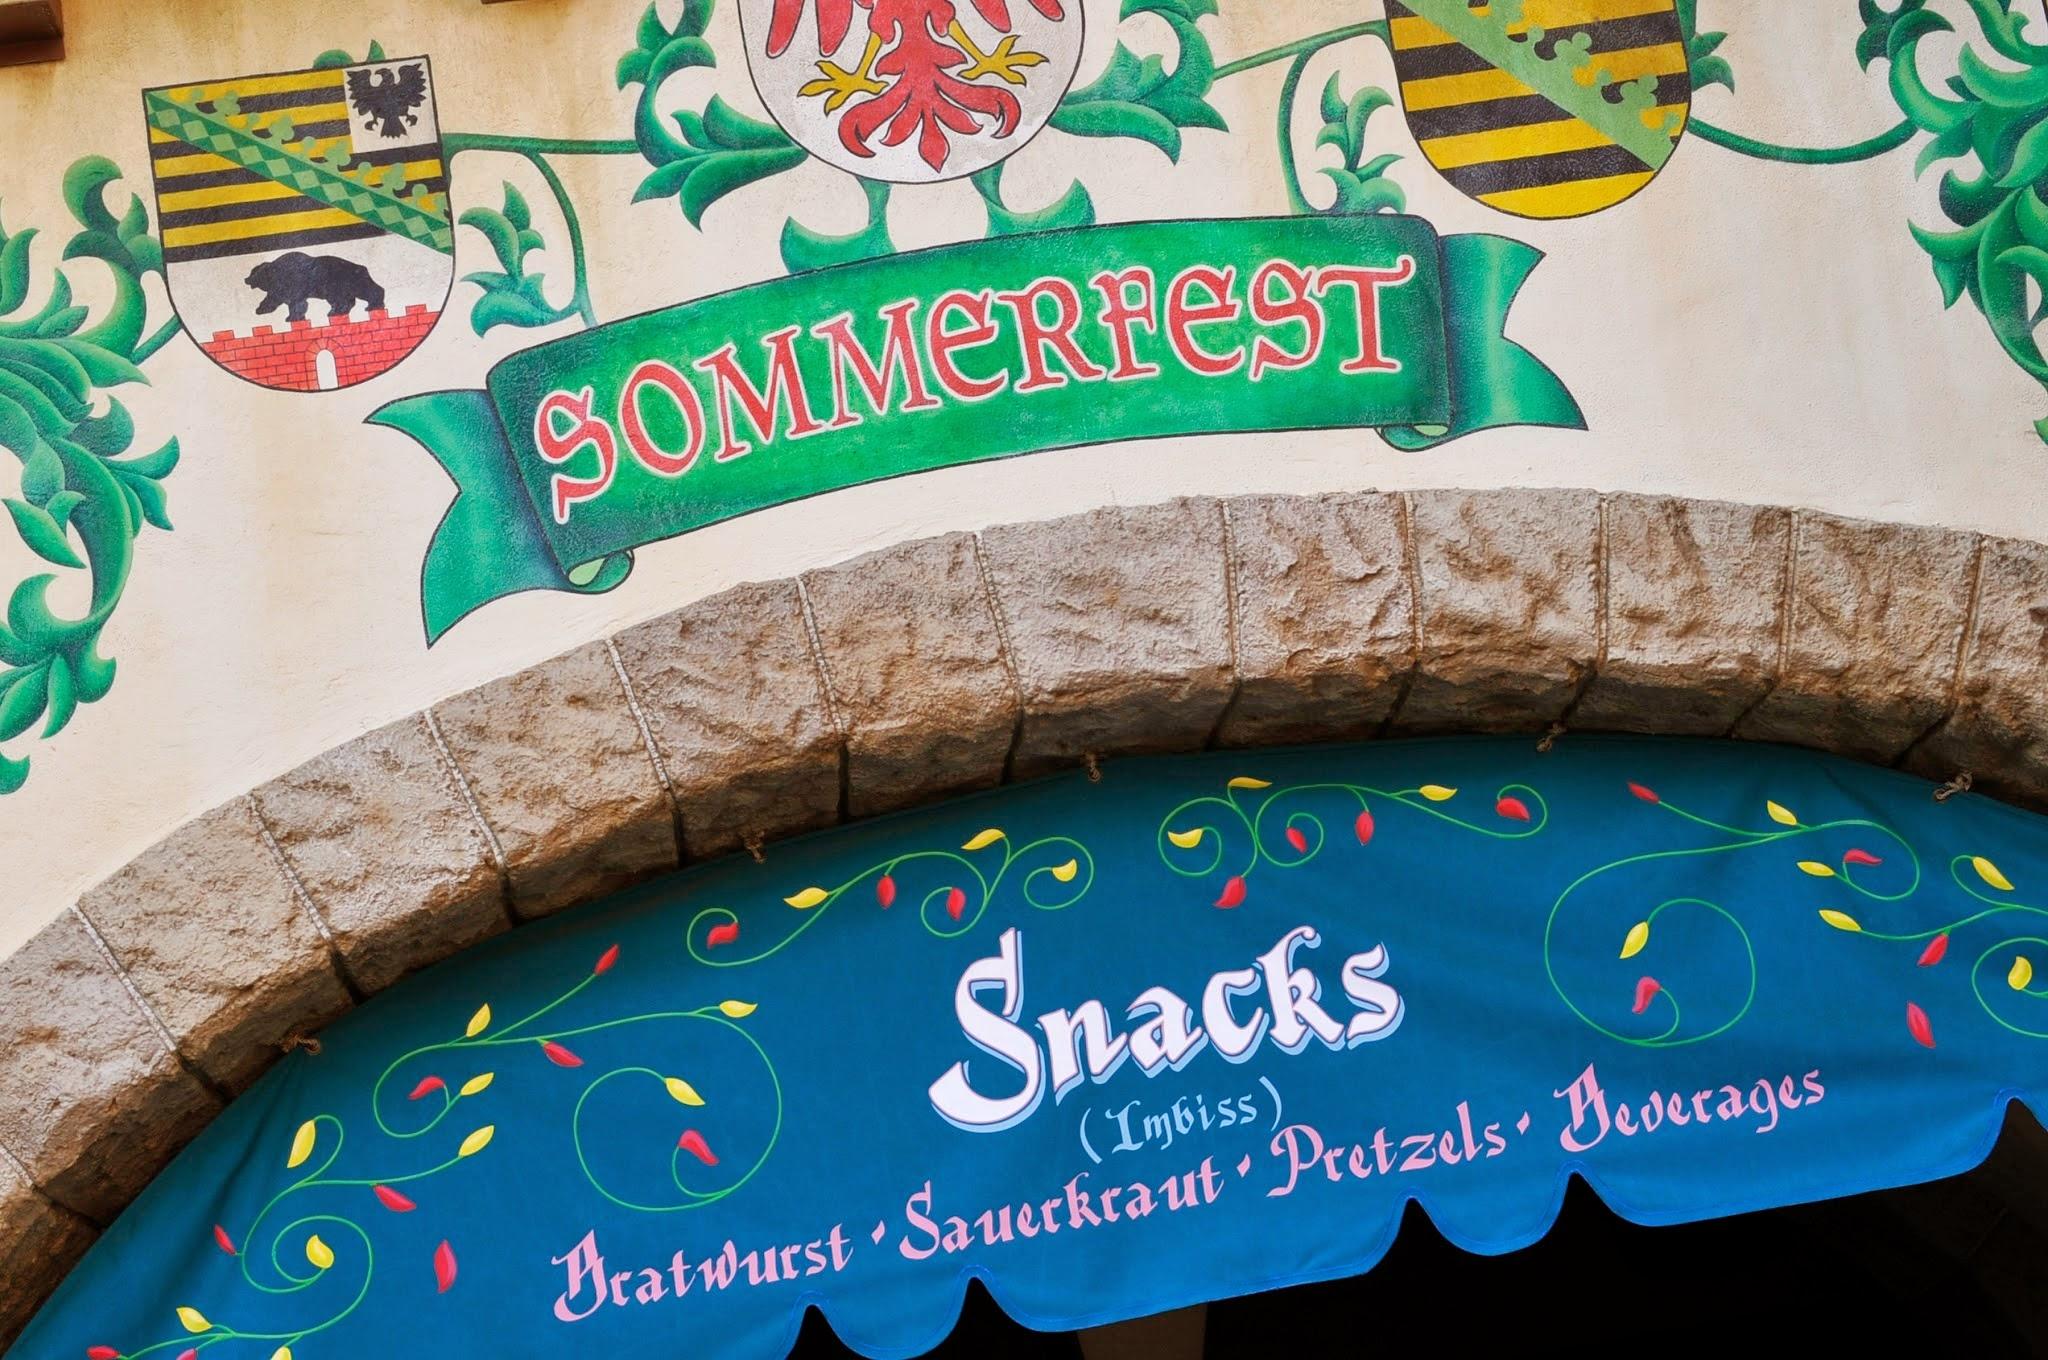 Sommerfest image 1